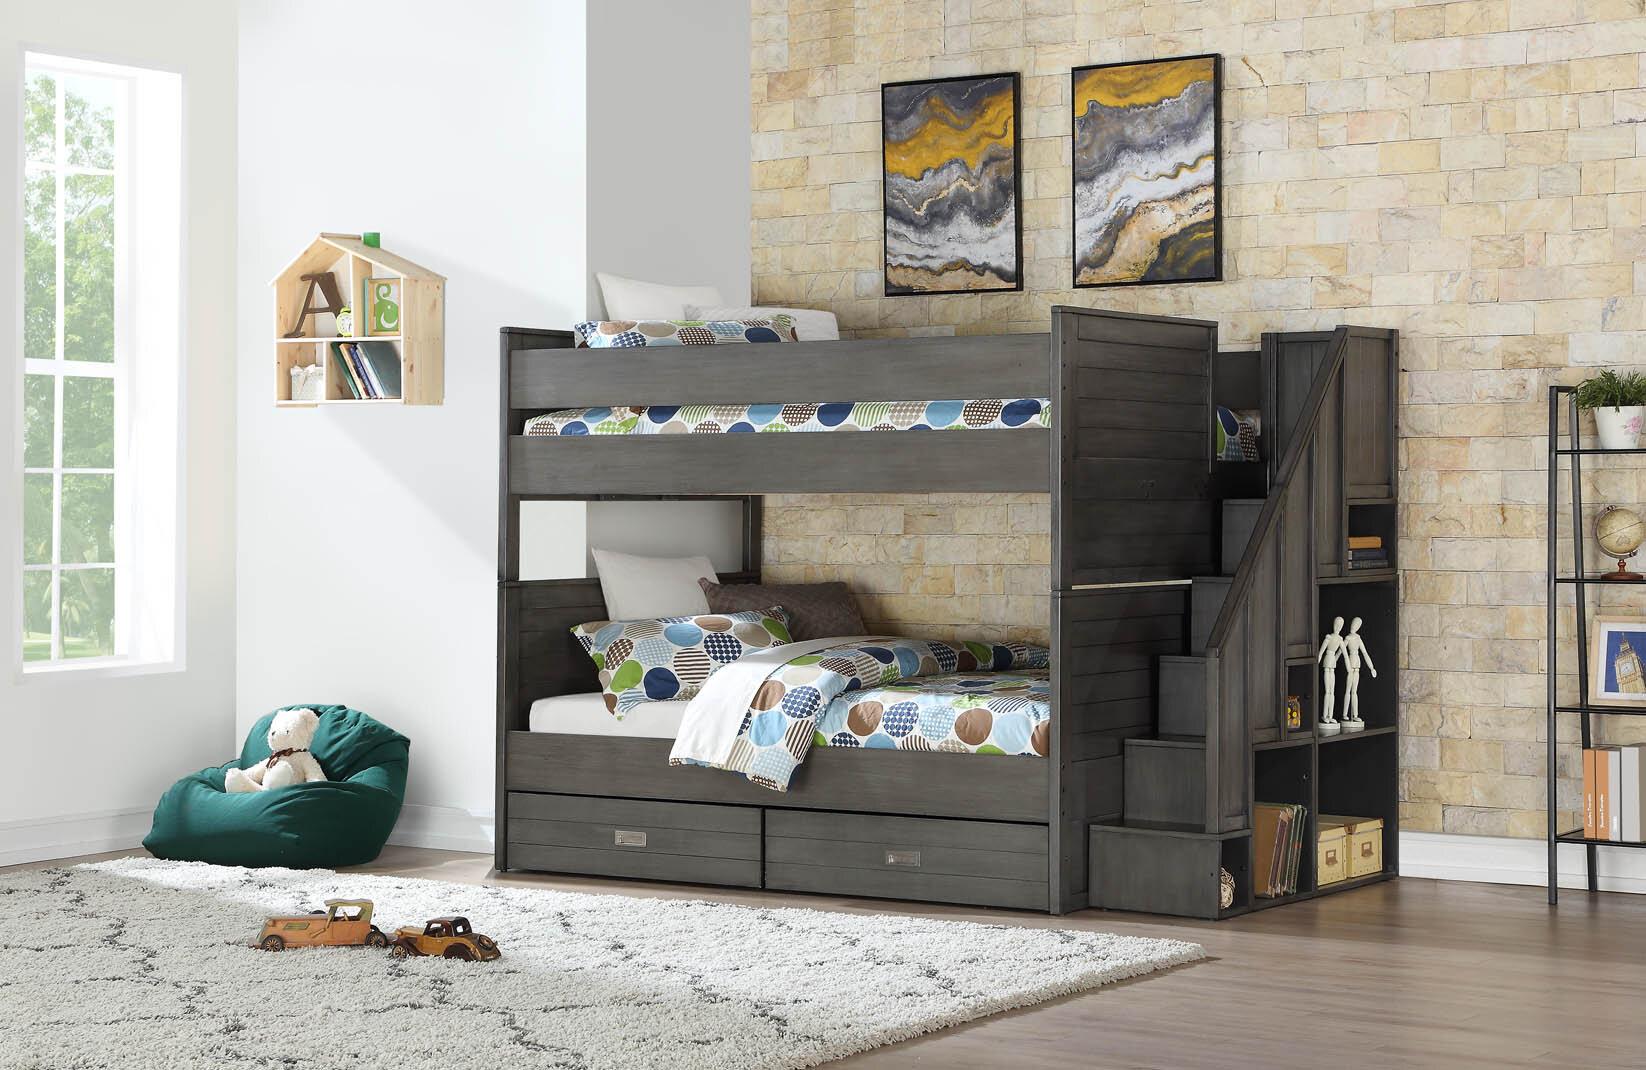 Caramia Furniture Bunk Beds Caramia Furniture